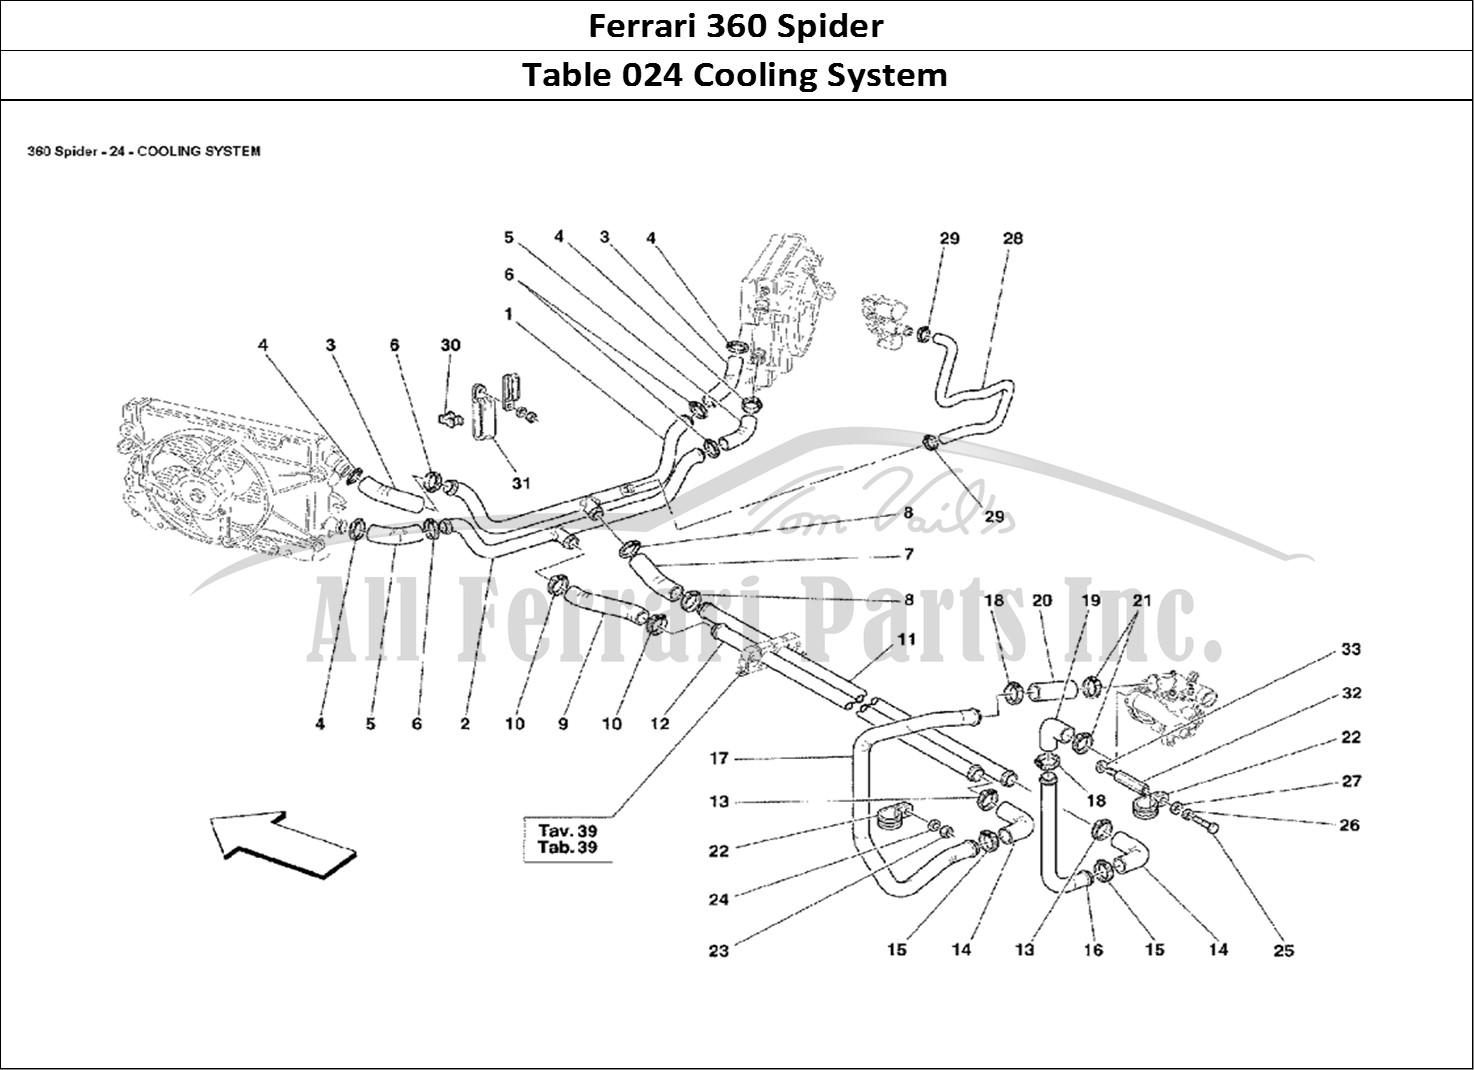 buy original ferrari 360 spider 024 cooling system ferrari parts  spares  accessories online